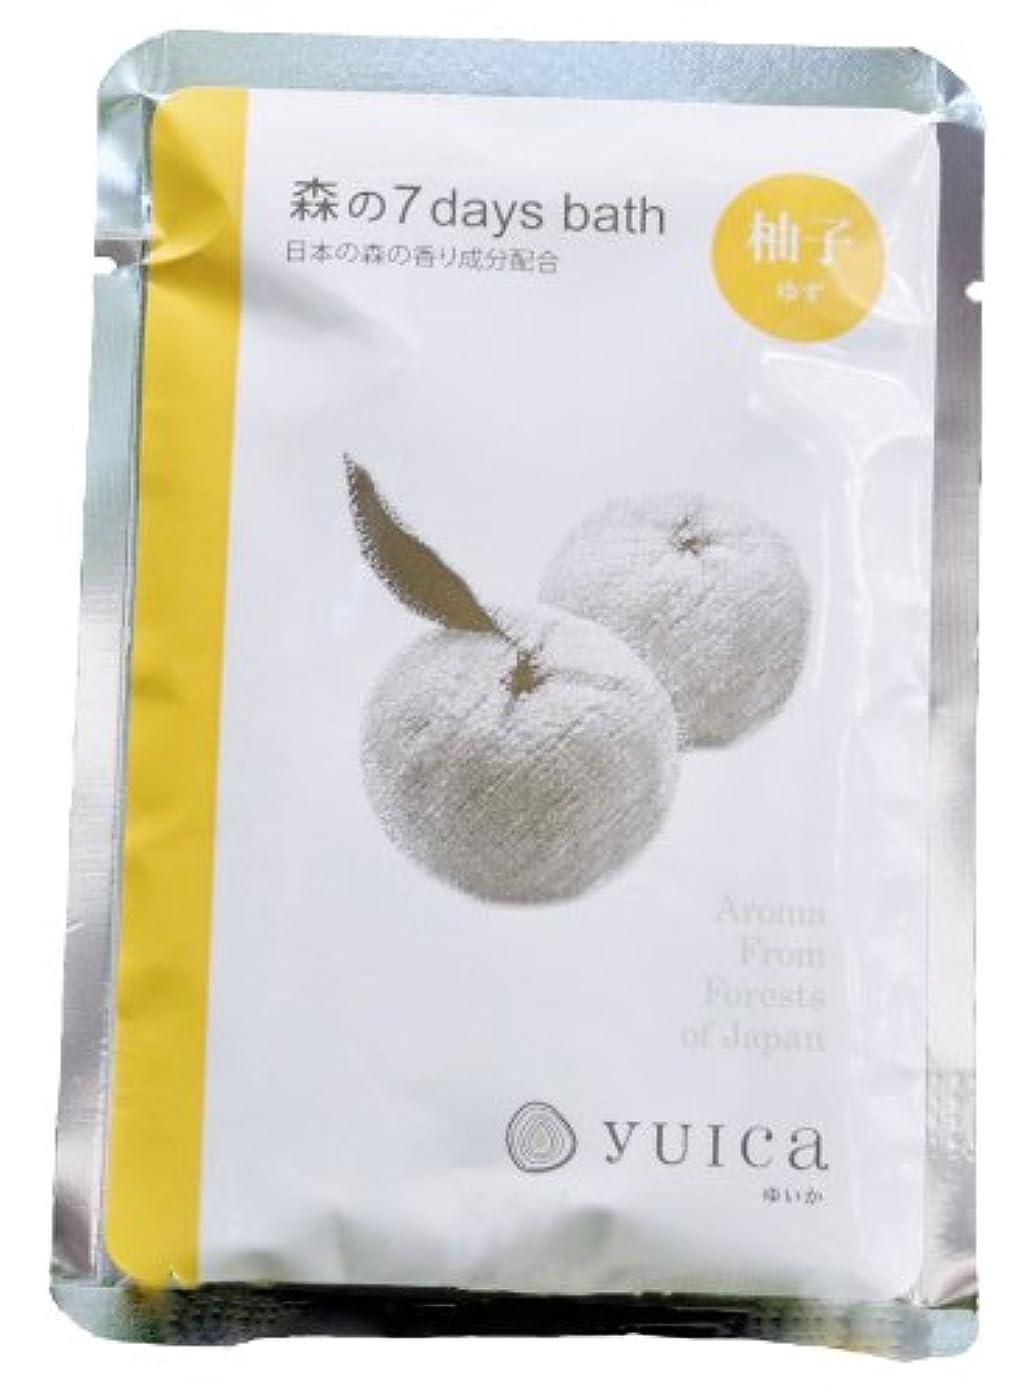 スキップ外部幻想的yuica 森の7 days bath(入浴パウダー) ユズの香り 60g